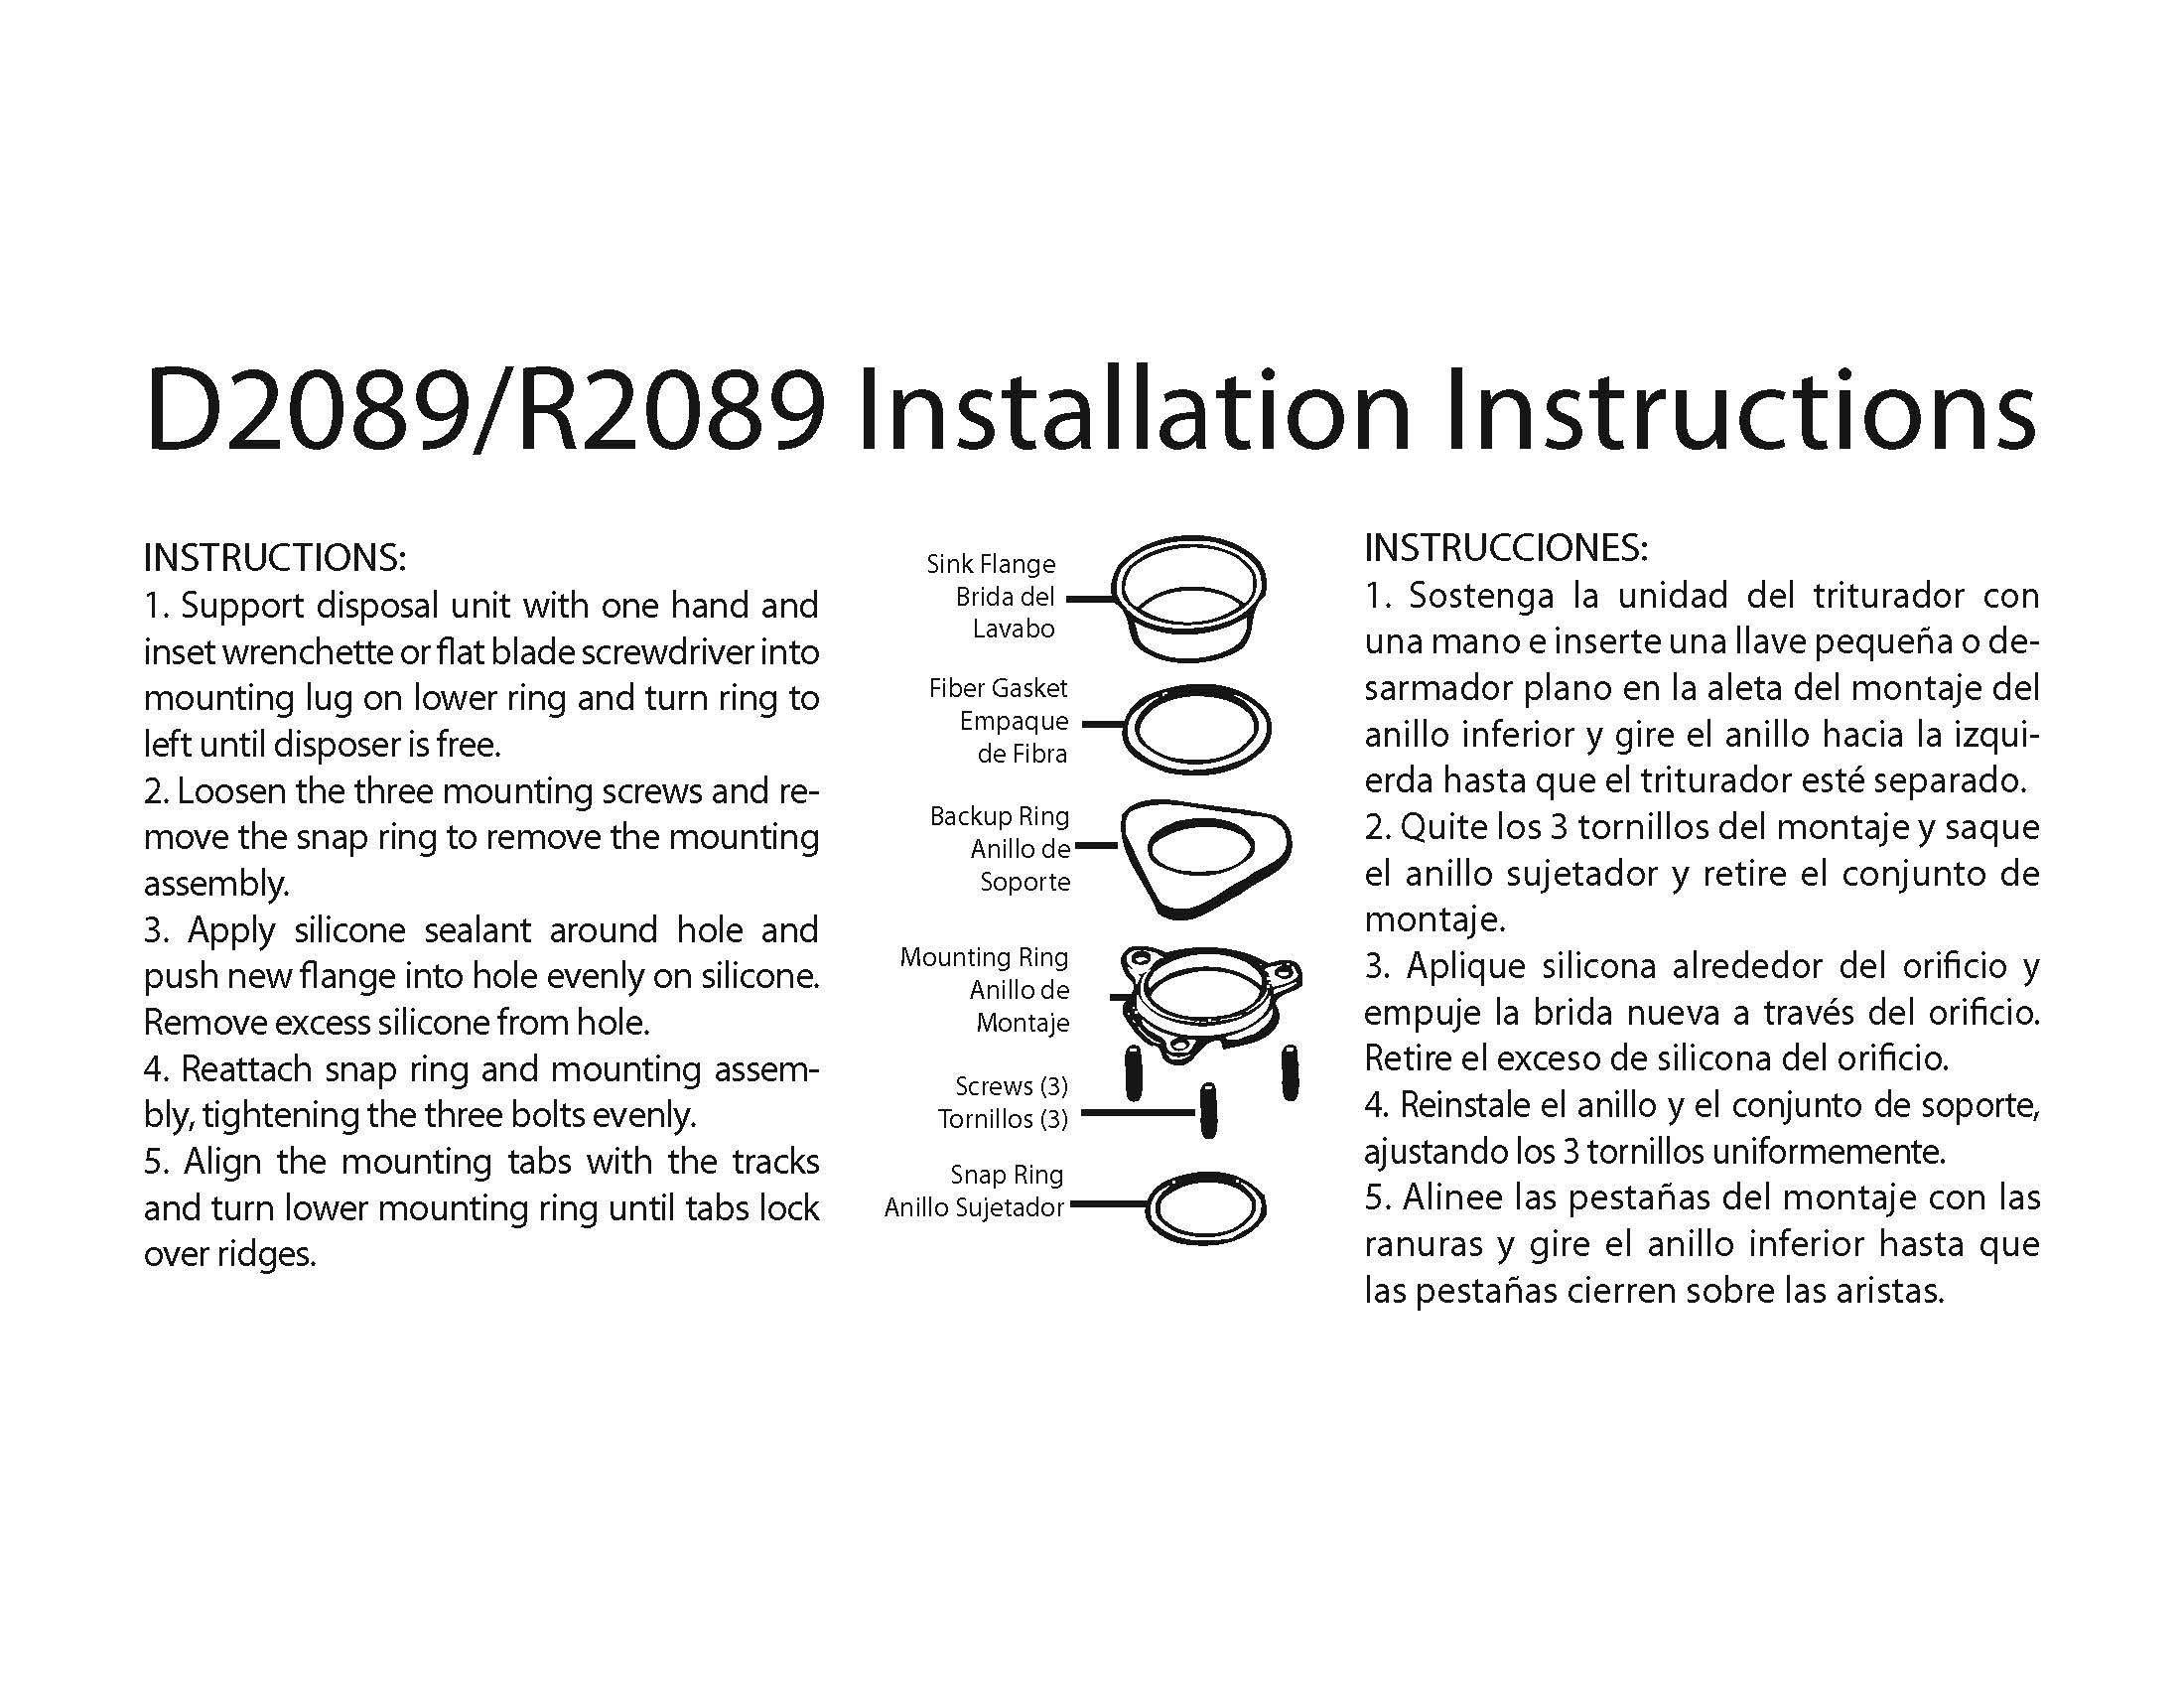 Westbrass InSinkErator Style Disposal Flange & Stopper, Matte Black, D2089-62 (Renewed) by Westbrass (Image #3)